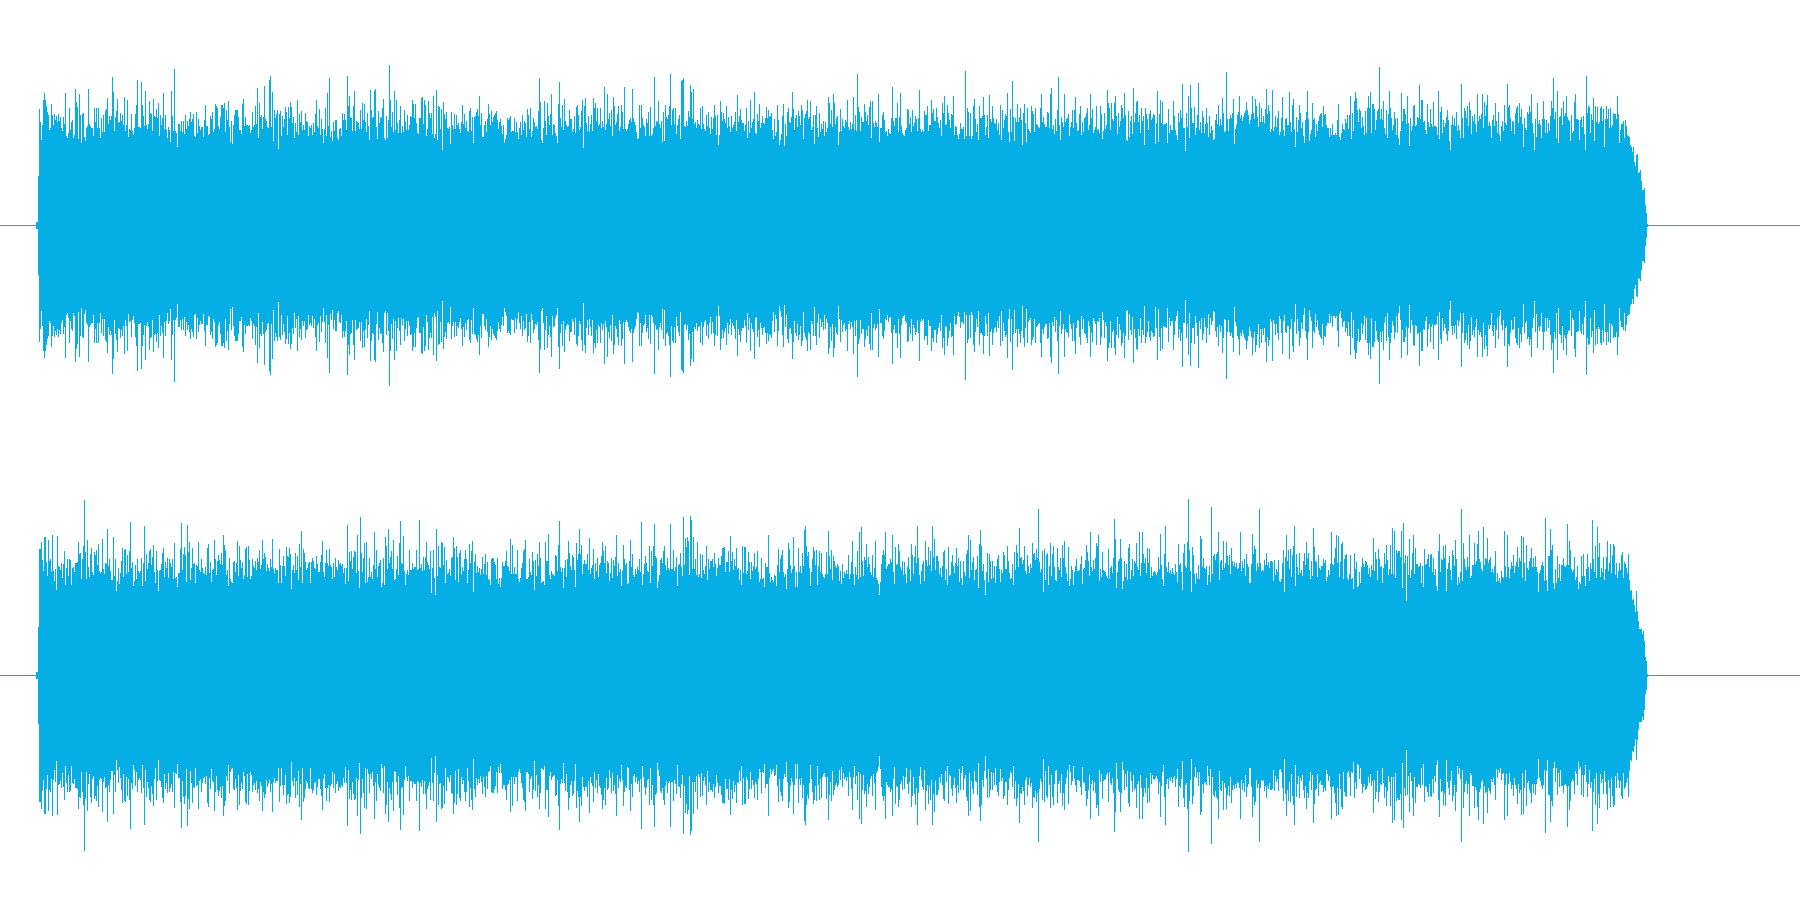 シャー(水の音、砂嵐)の再生済みの波形